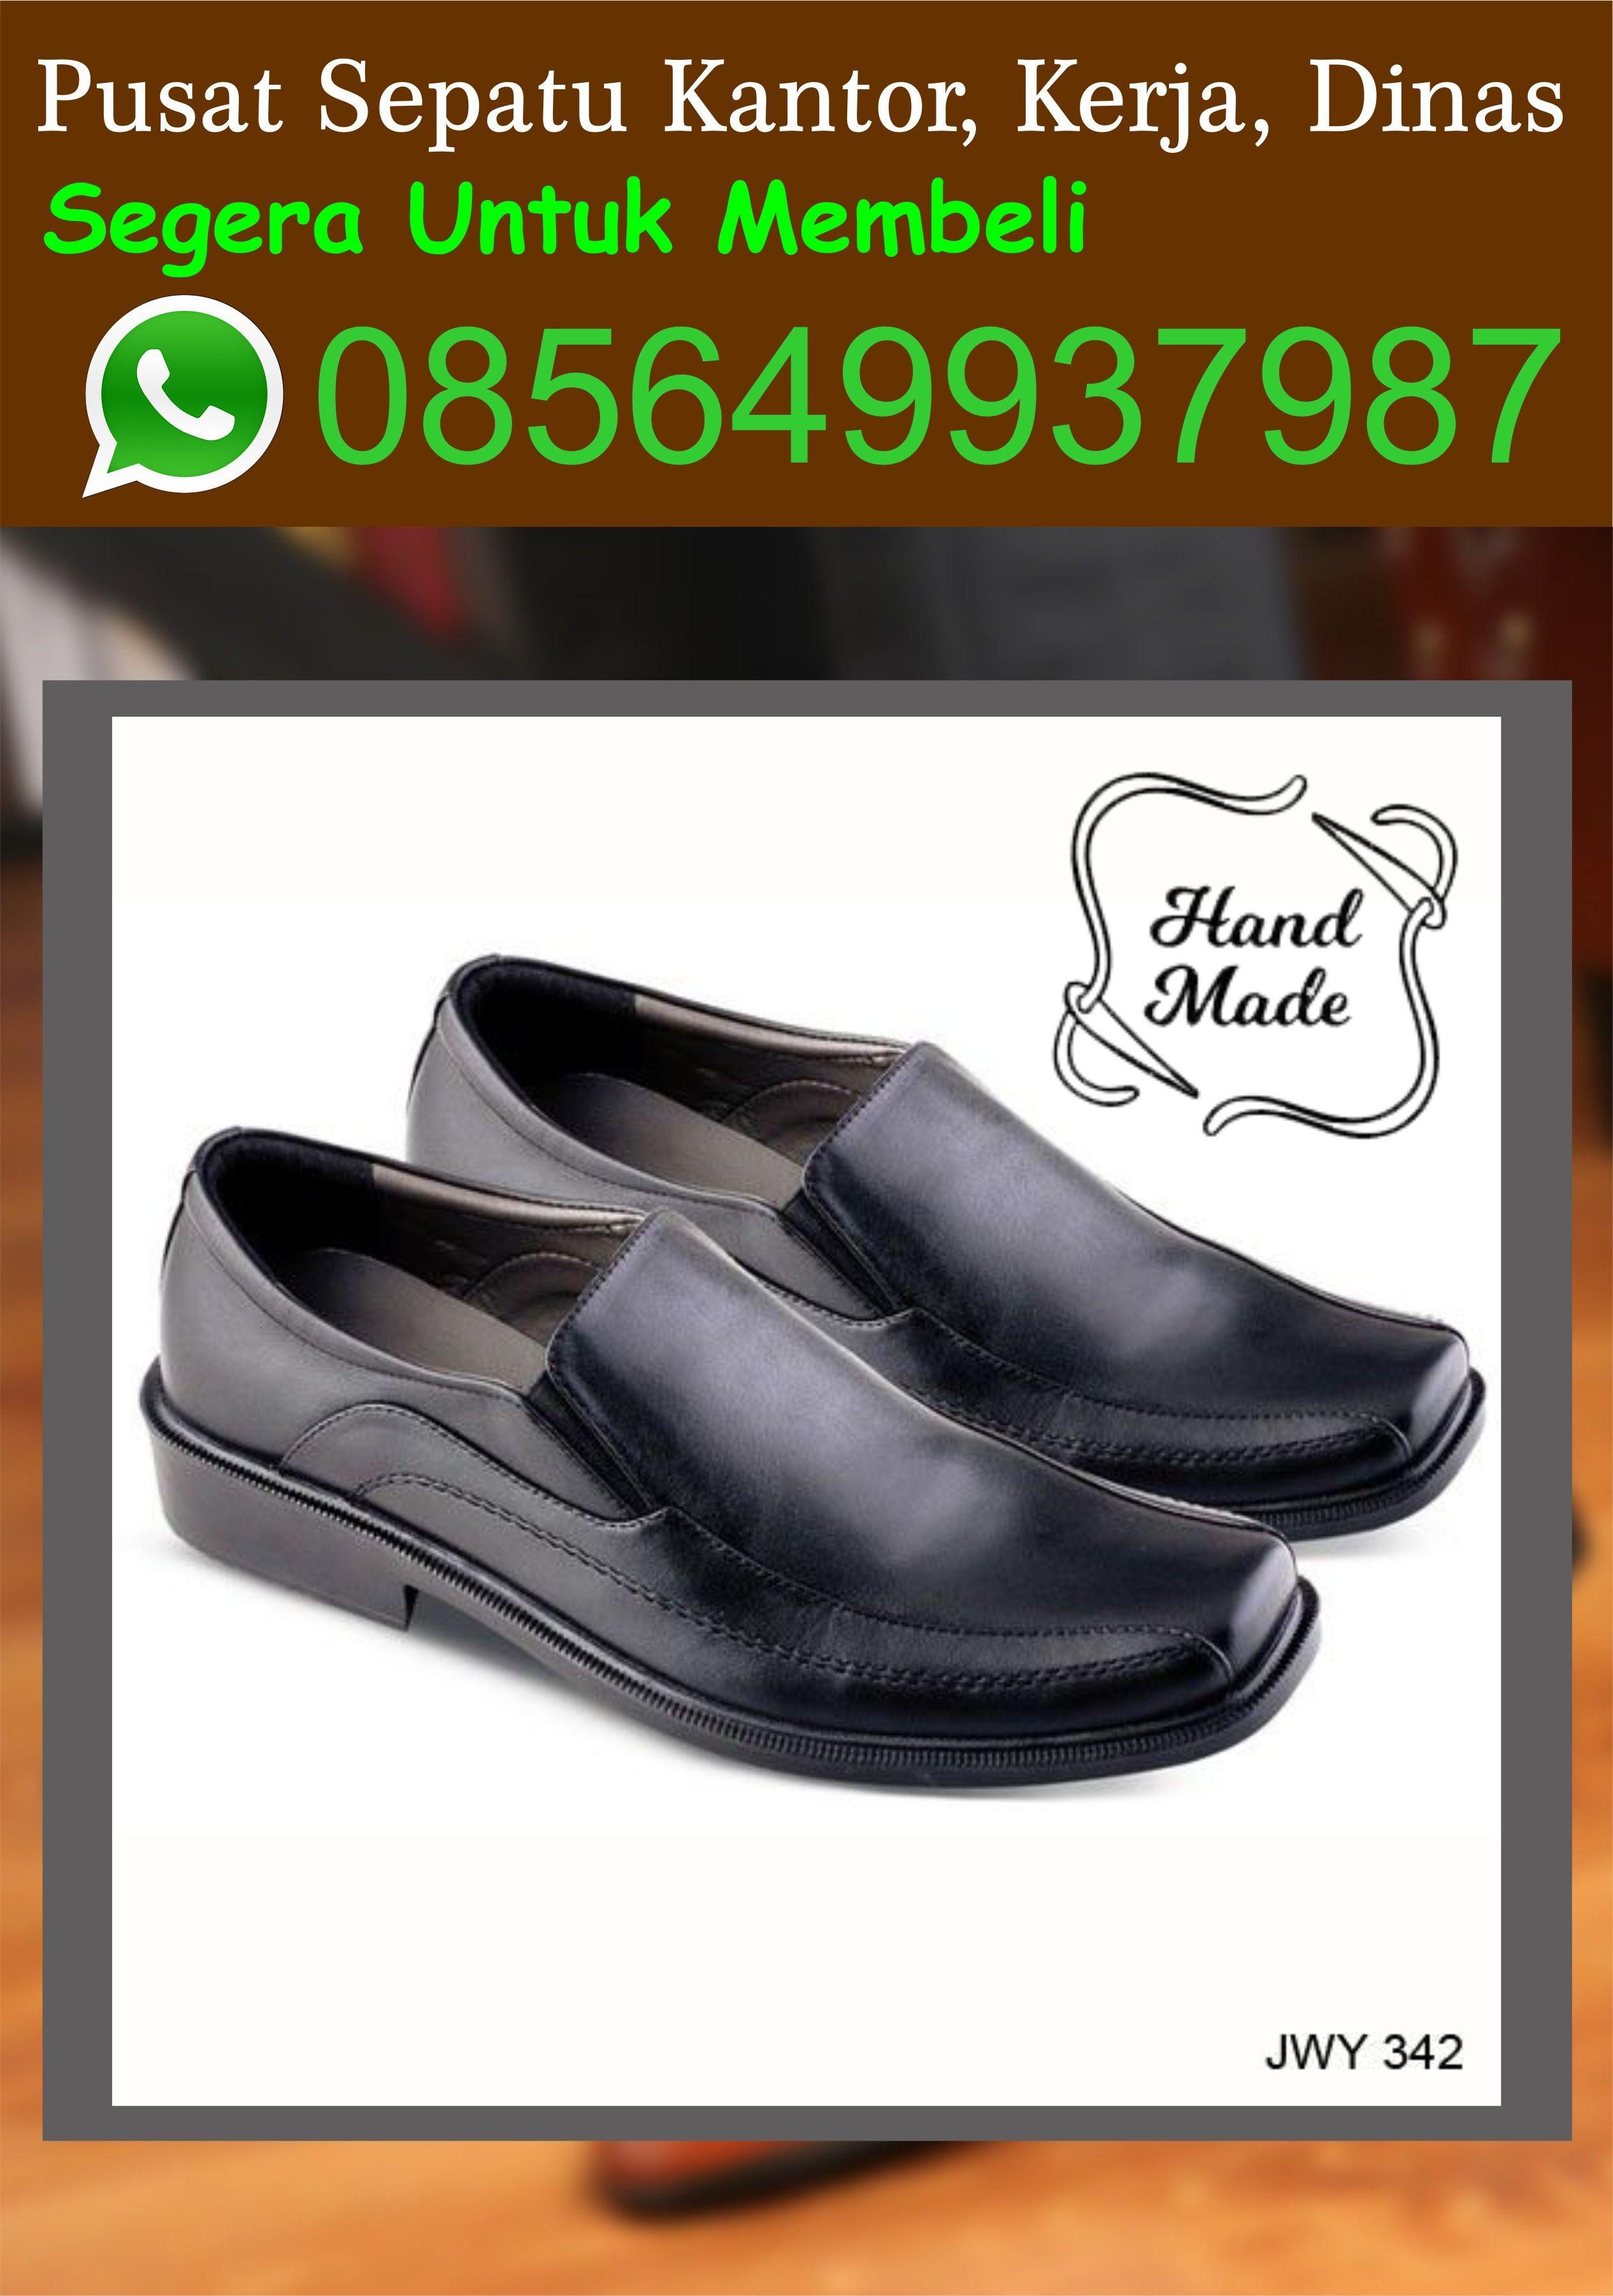 Sepatu Kantor Lawang Harga Sepatu Kantor Jual Sepatu Kantor